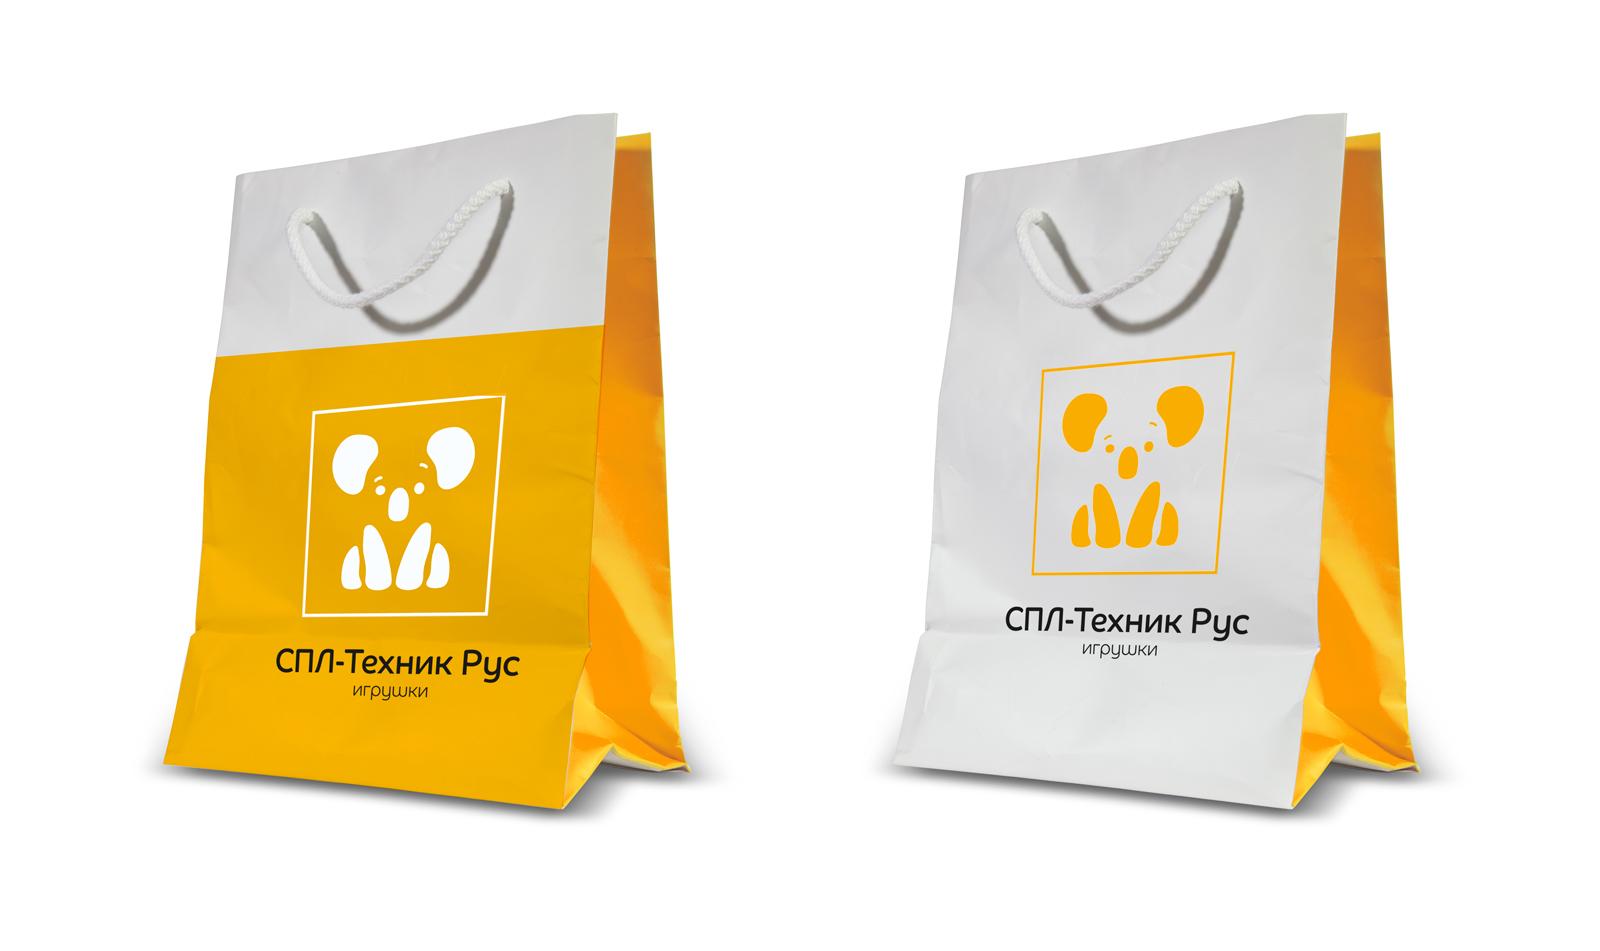 Разработка логотипа и фирменного стиля фото f_14359b005a20a432.jpg